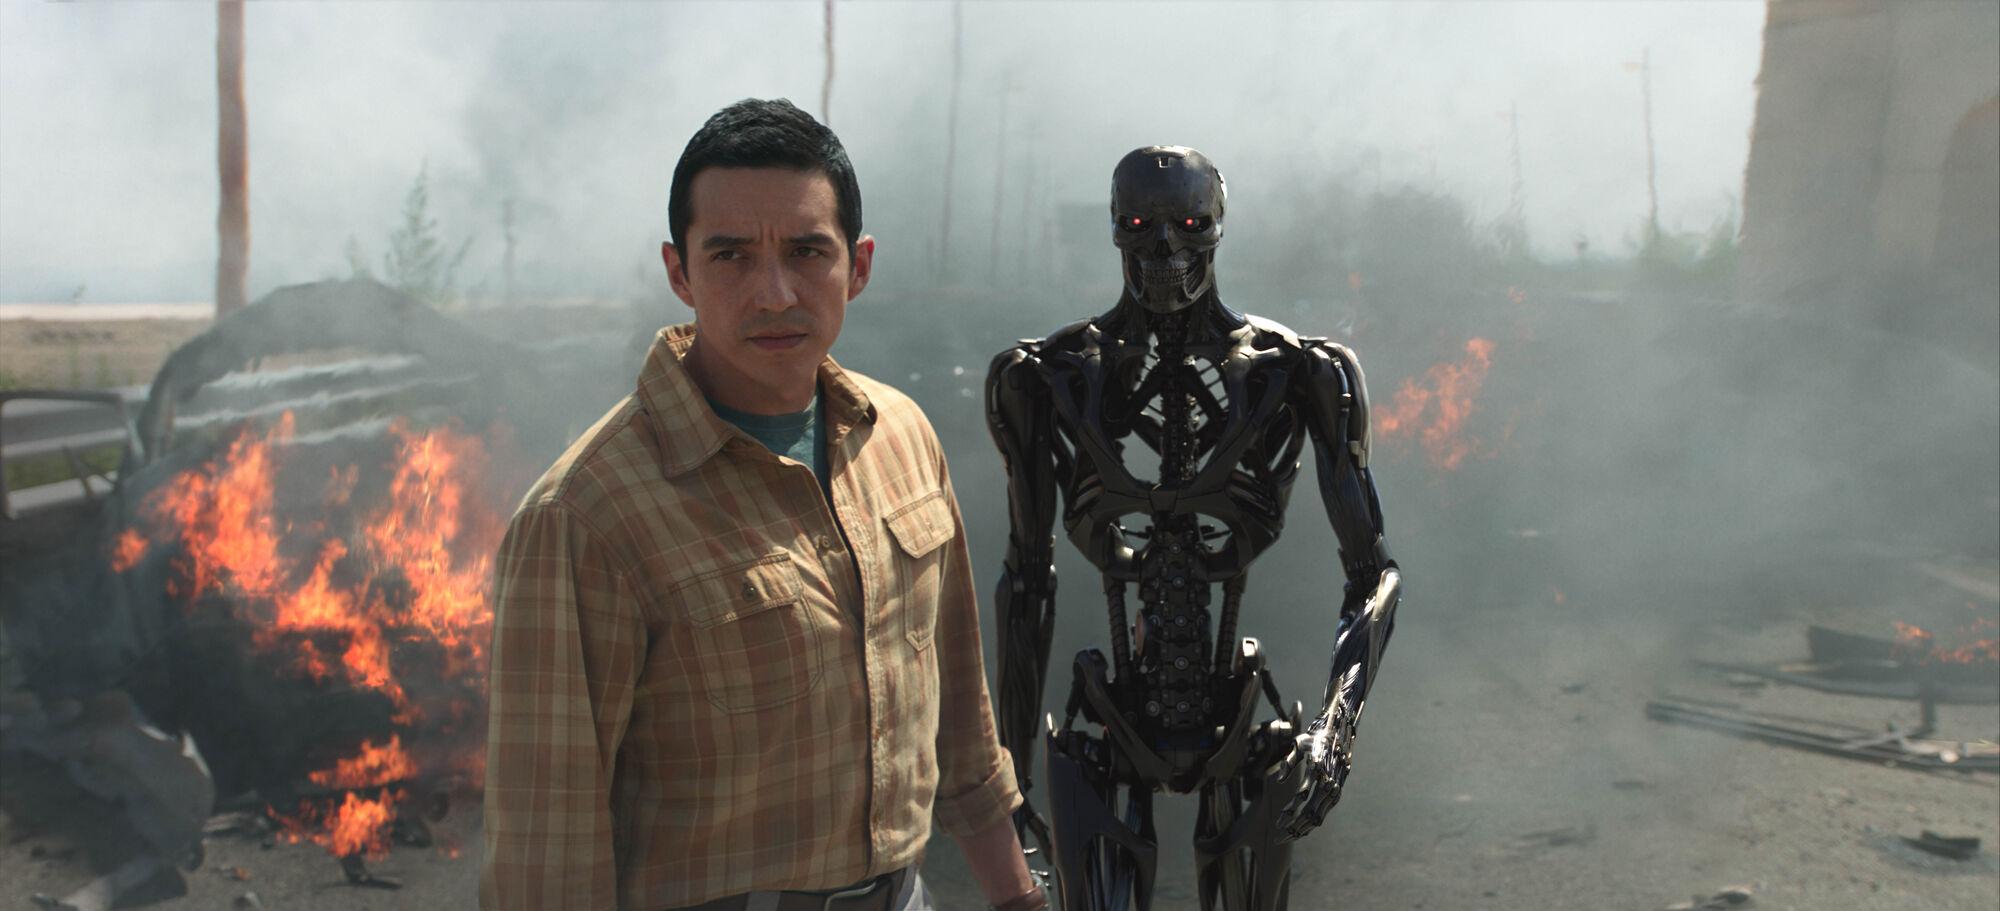 El villano de Terminator Dark Fate